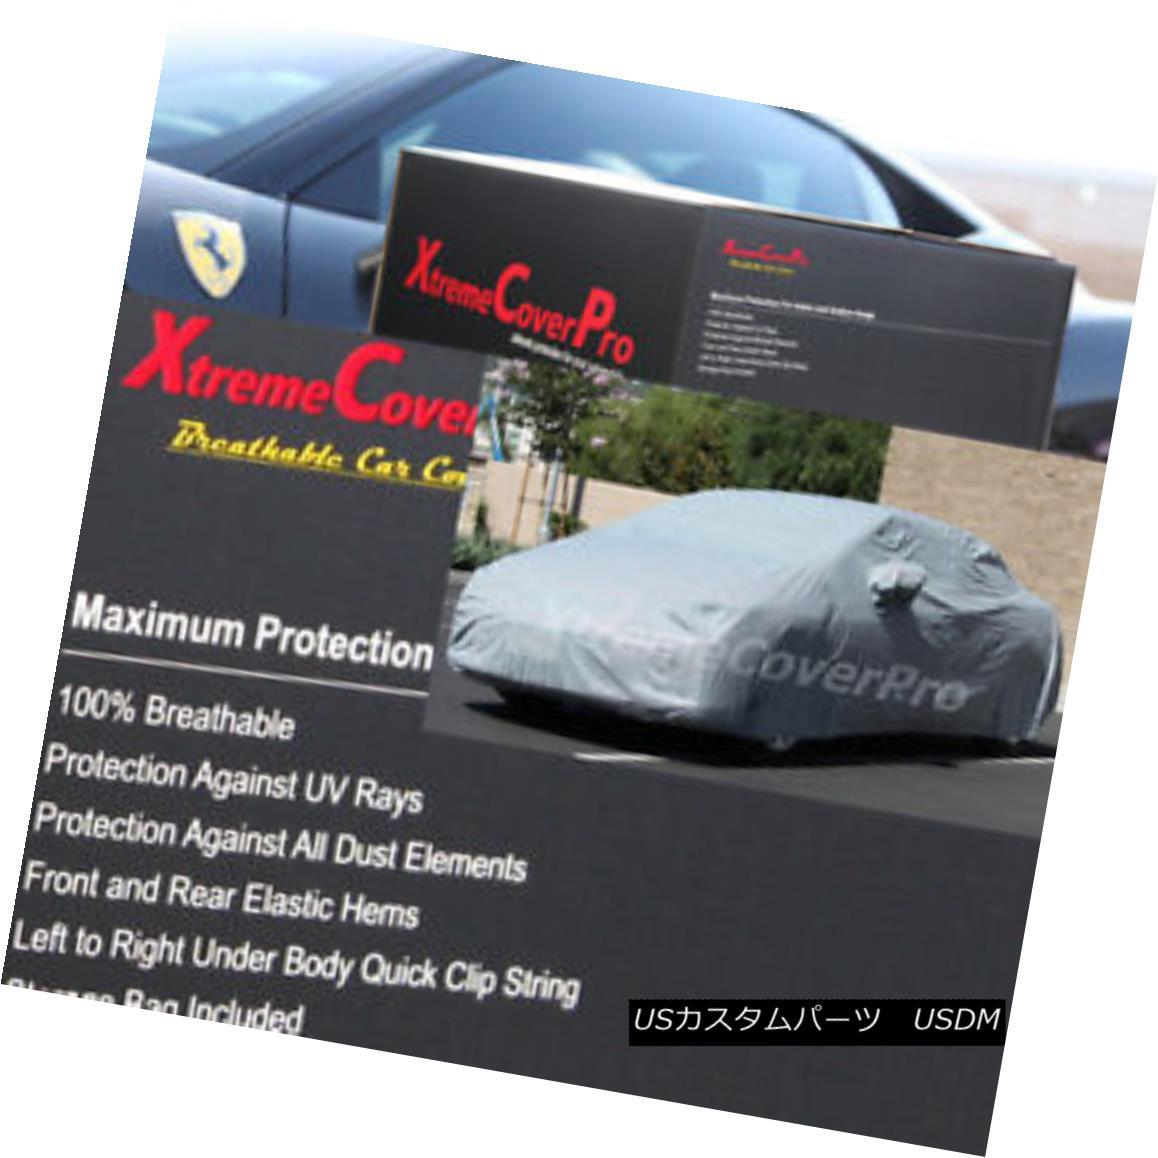 カーカバー 1998 1999 2000 2001 Cadillac Seville Breathable Car Cover w/MirrorPocket 1998 1999 2000 2001キャデラックセビリア通気性車カバー付きMirrorPocket